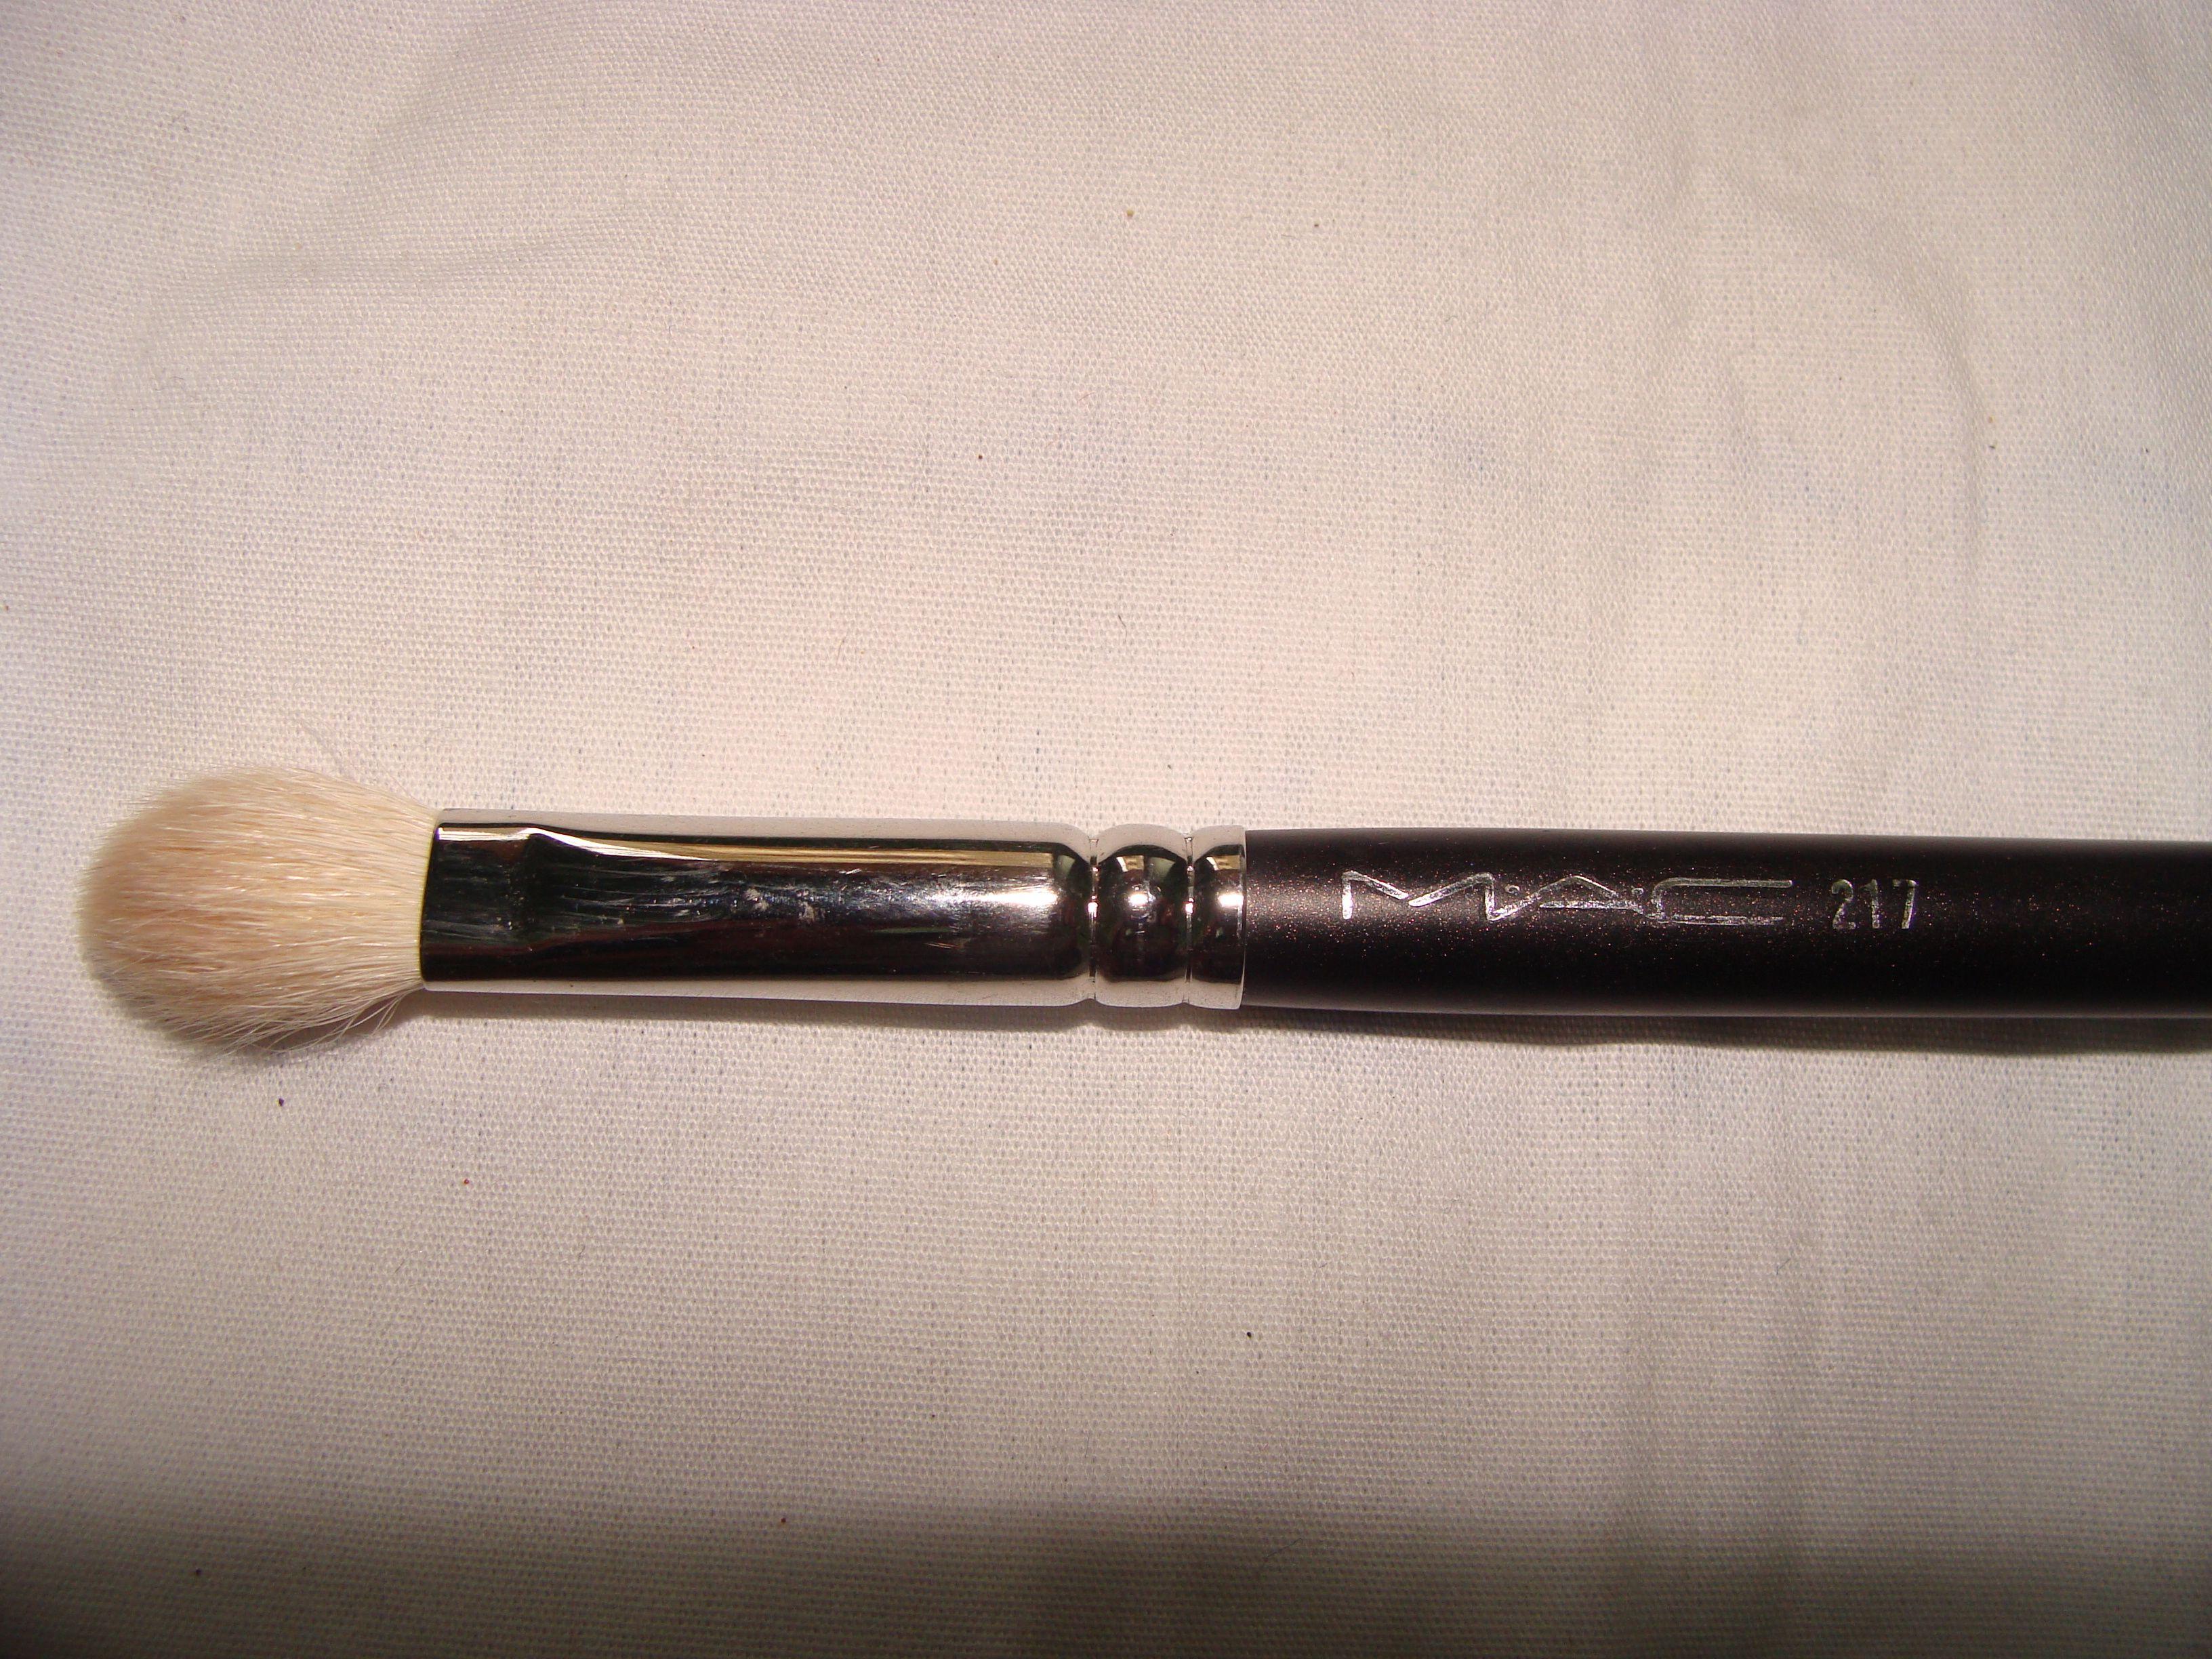 MAC 217 blending brush   Blending brushes, Mac brushes, Brush